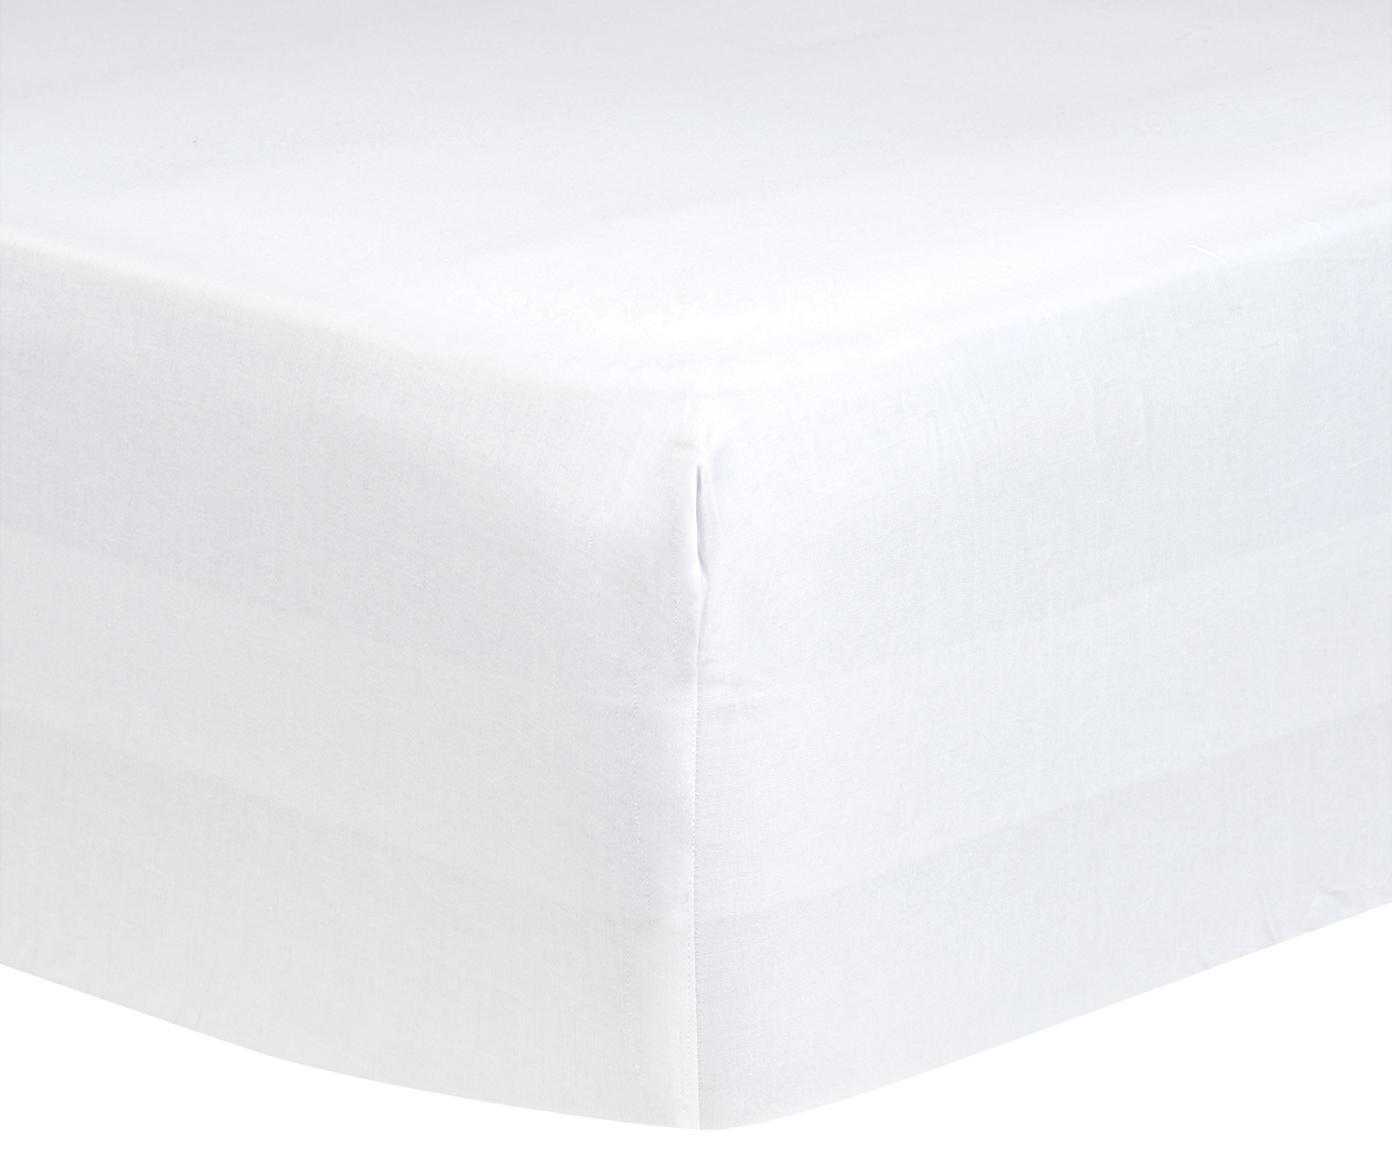 Prześcieradło z gumką na łóżko kontynentalne z satyny bawełnianej Comfort, Biały, S 180 x D 200 cm